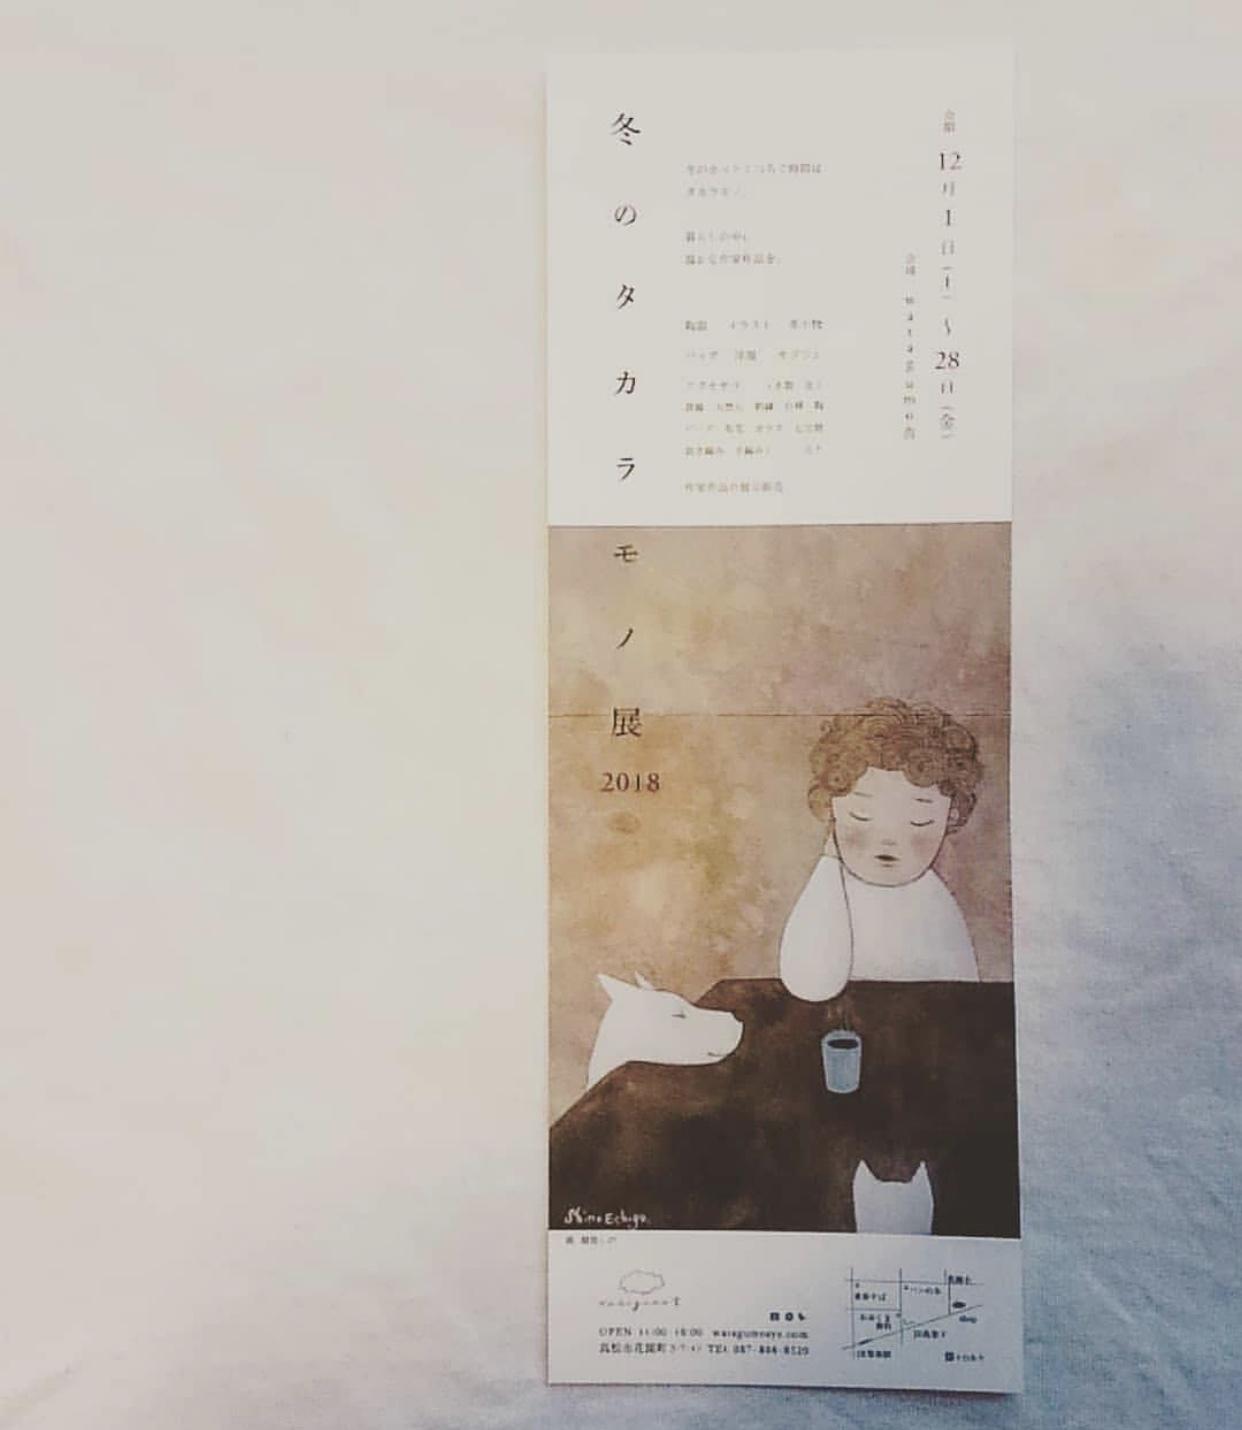 冬のタカラモノ展2018@高松watagumo舎_a0137727_13544896.jpeg